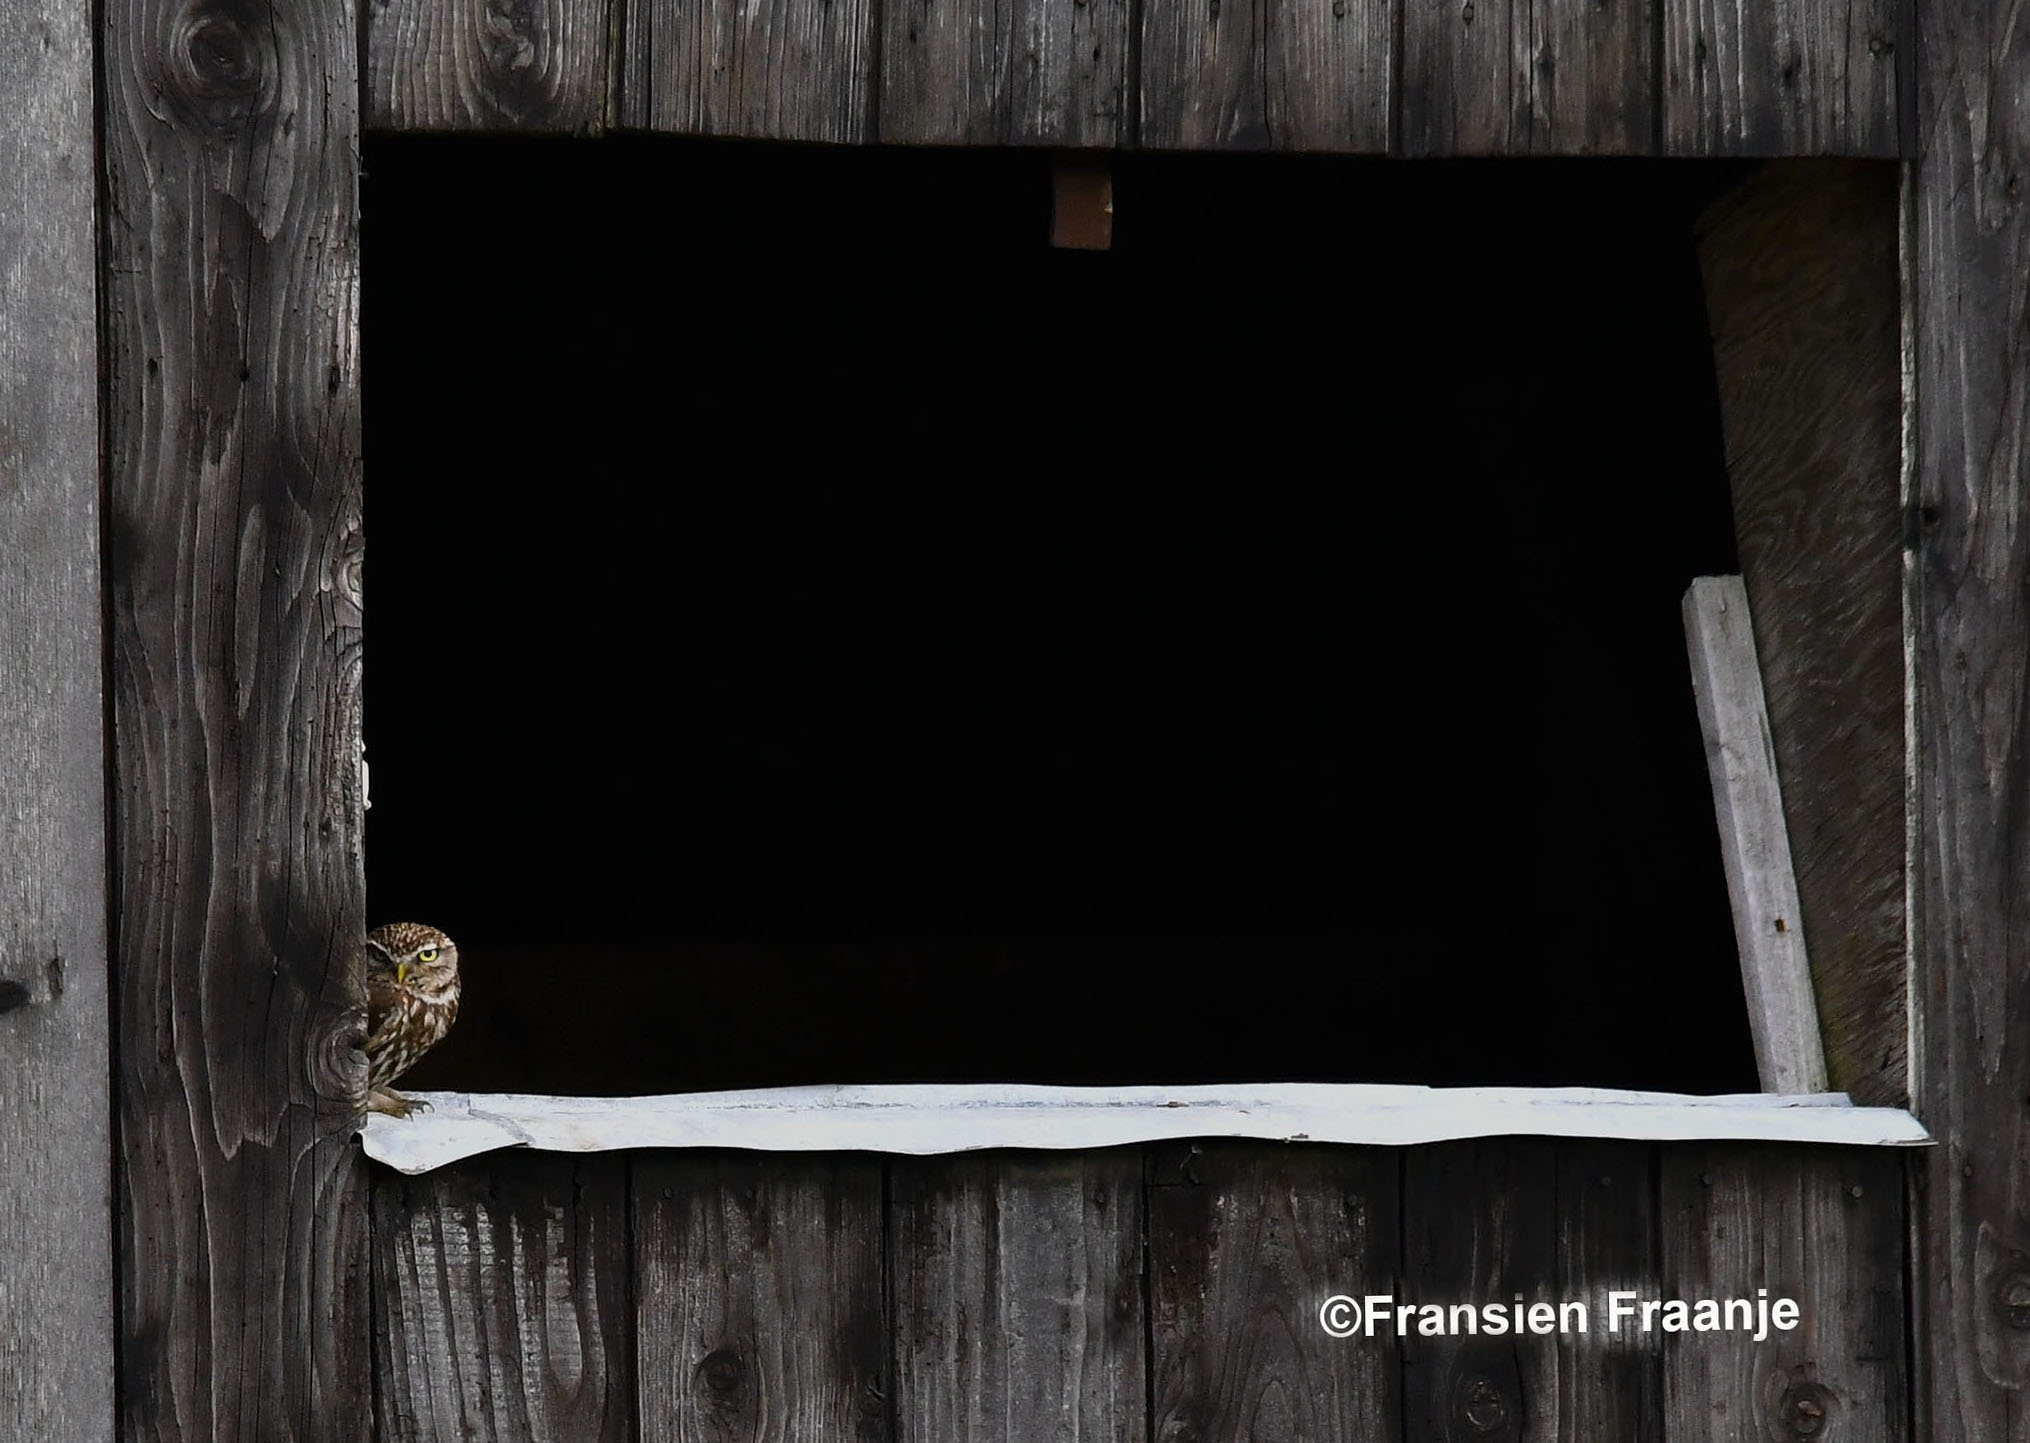 Linksonder in het open raam van een oude boerenschuur zat een steenuiltje - Foto: ©Fransien Fraanje